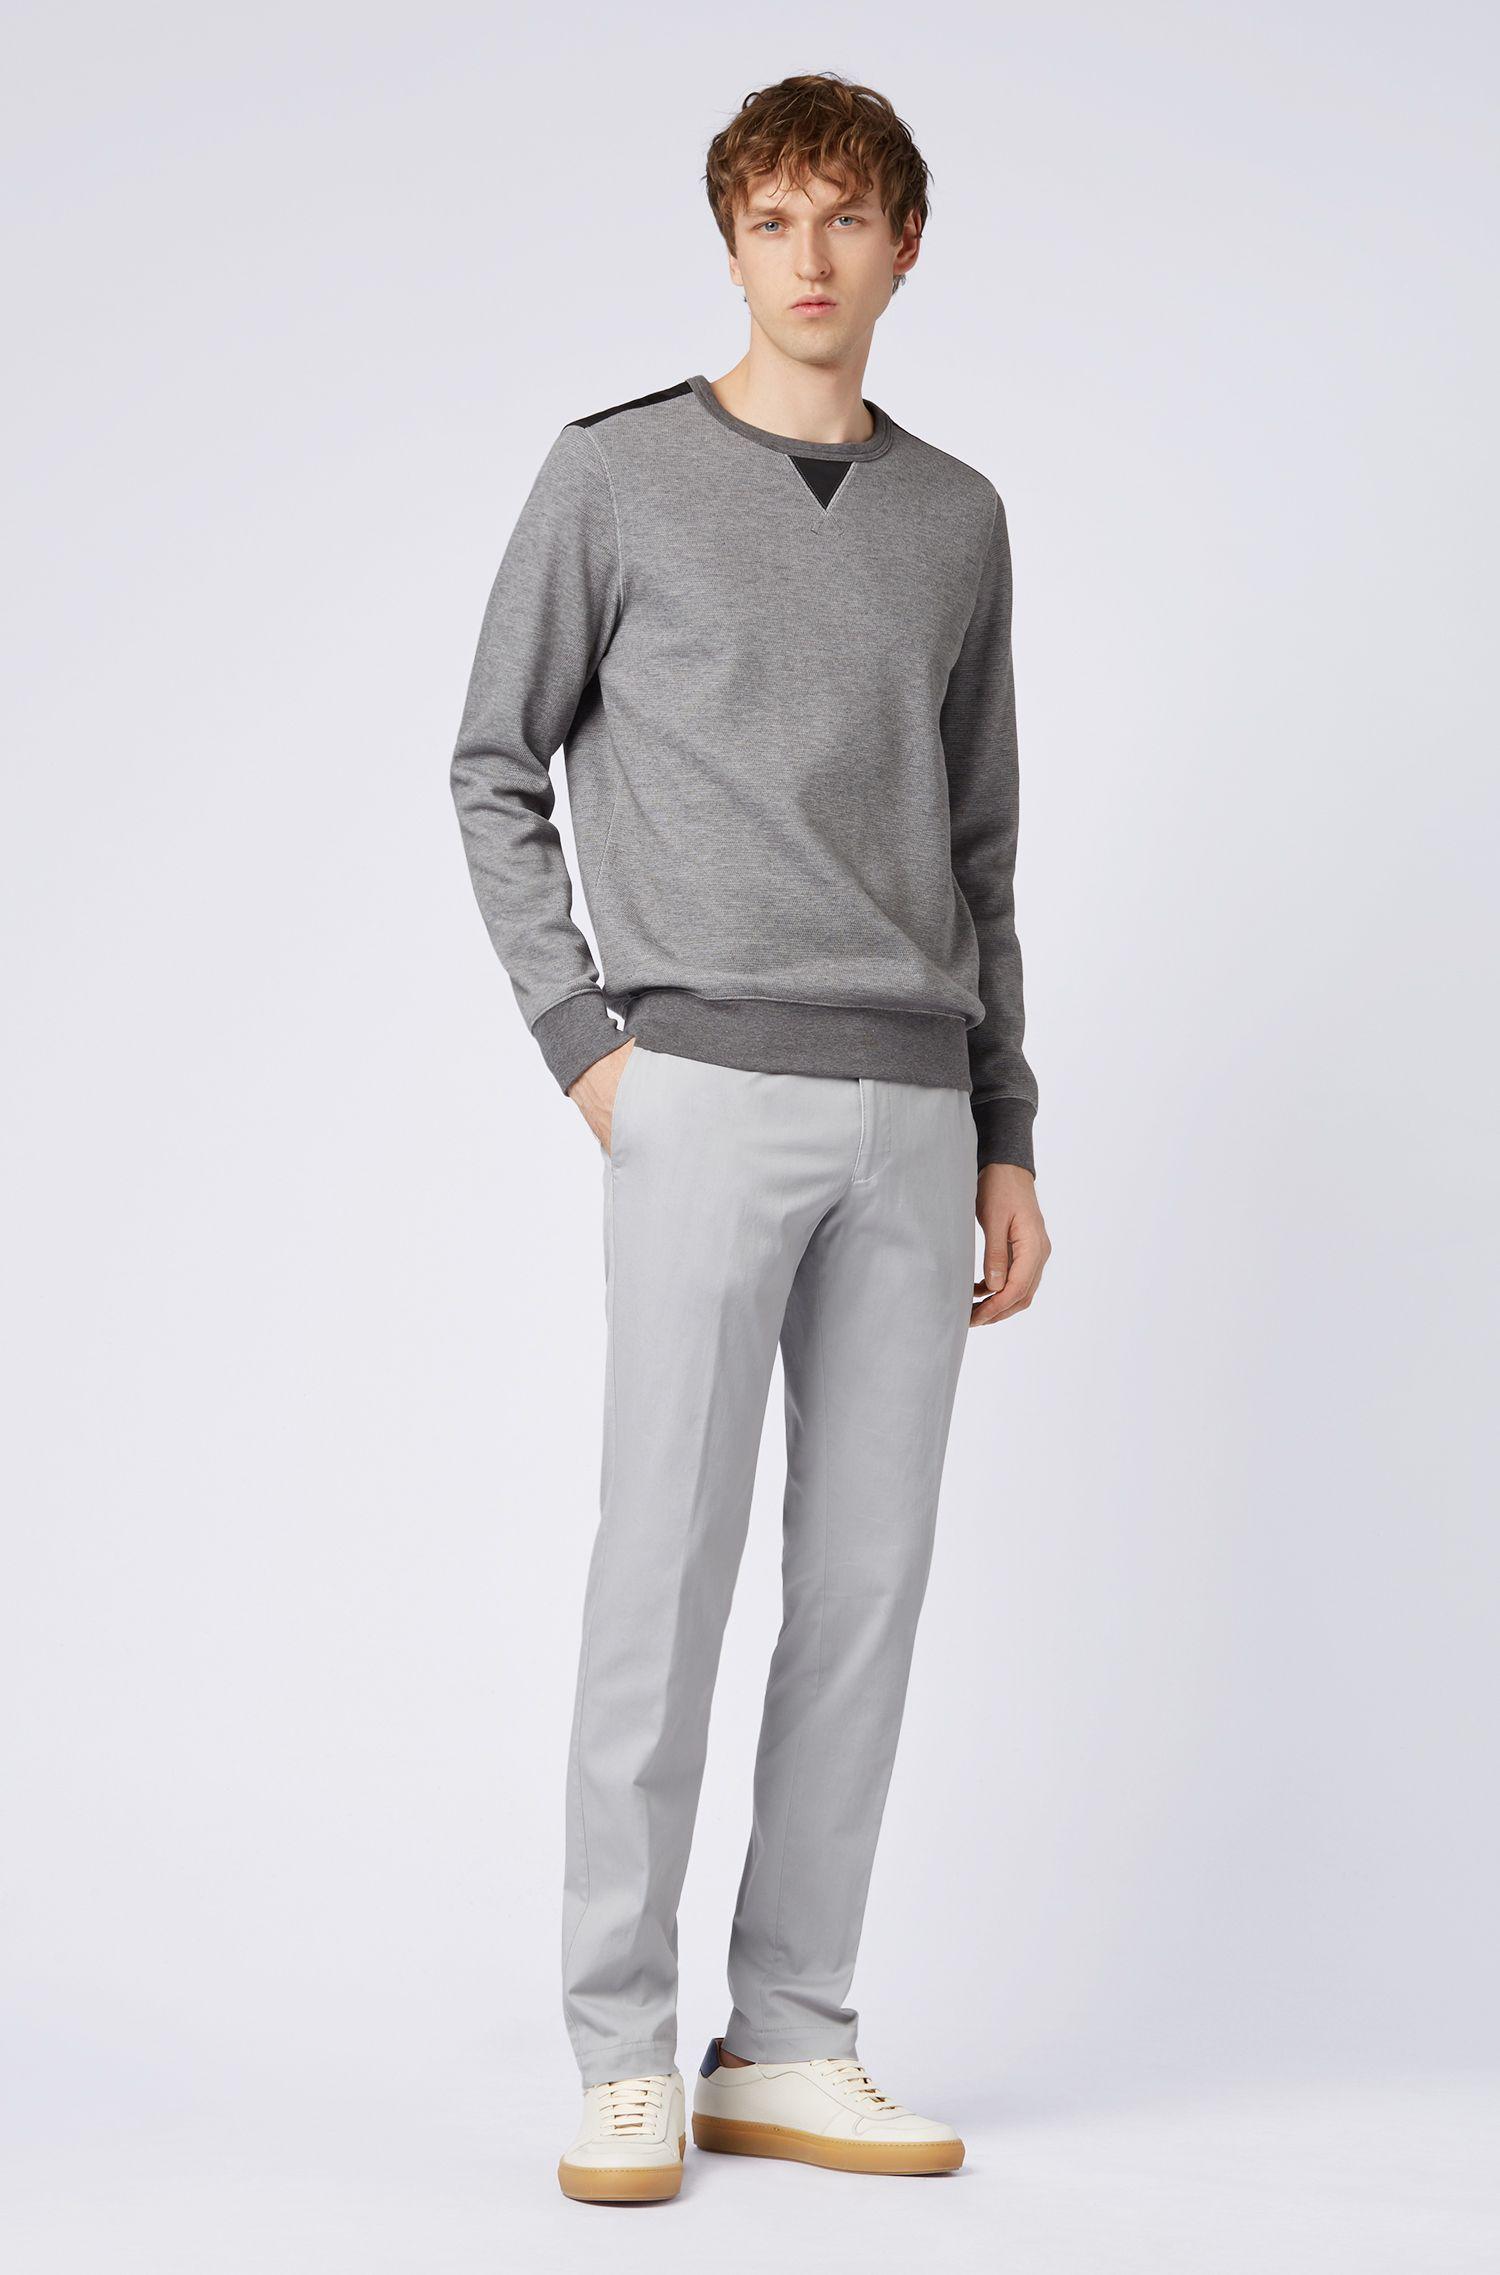 Pantalon Slim Fit en coton stretch teint en pièce, Gris chiné